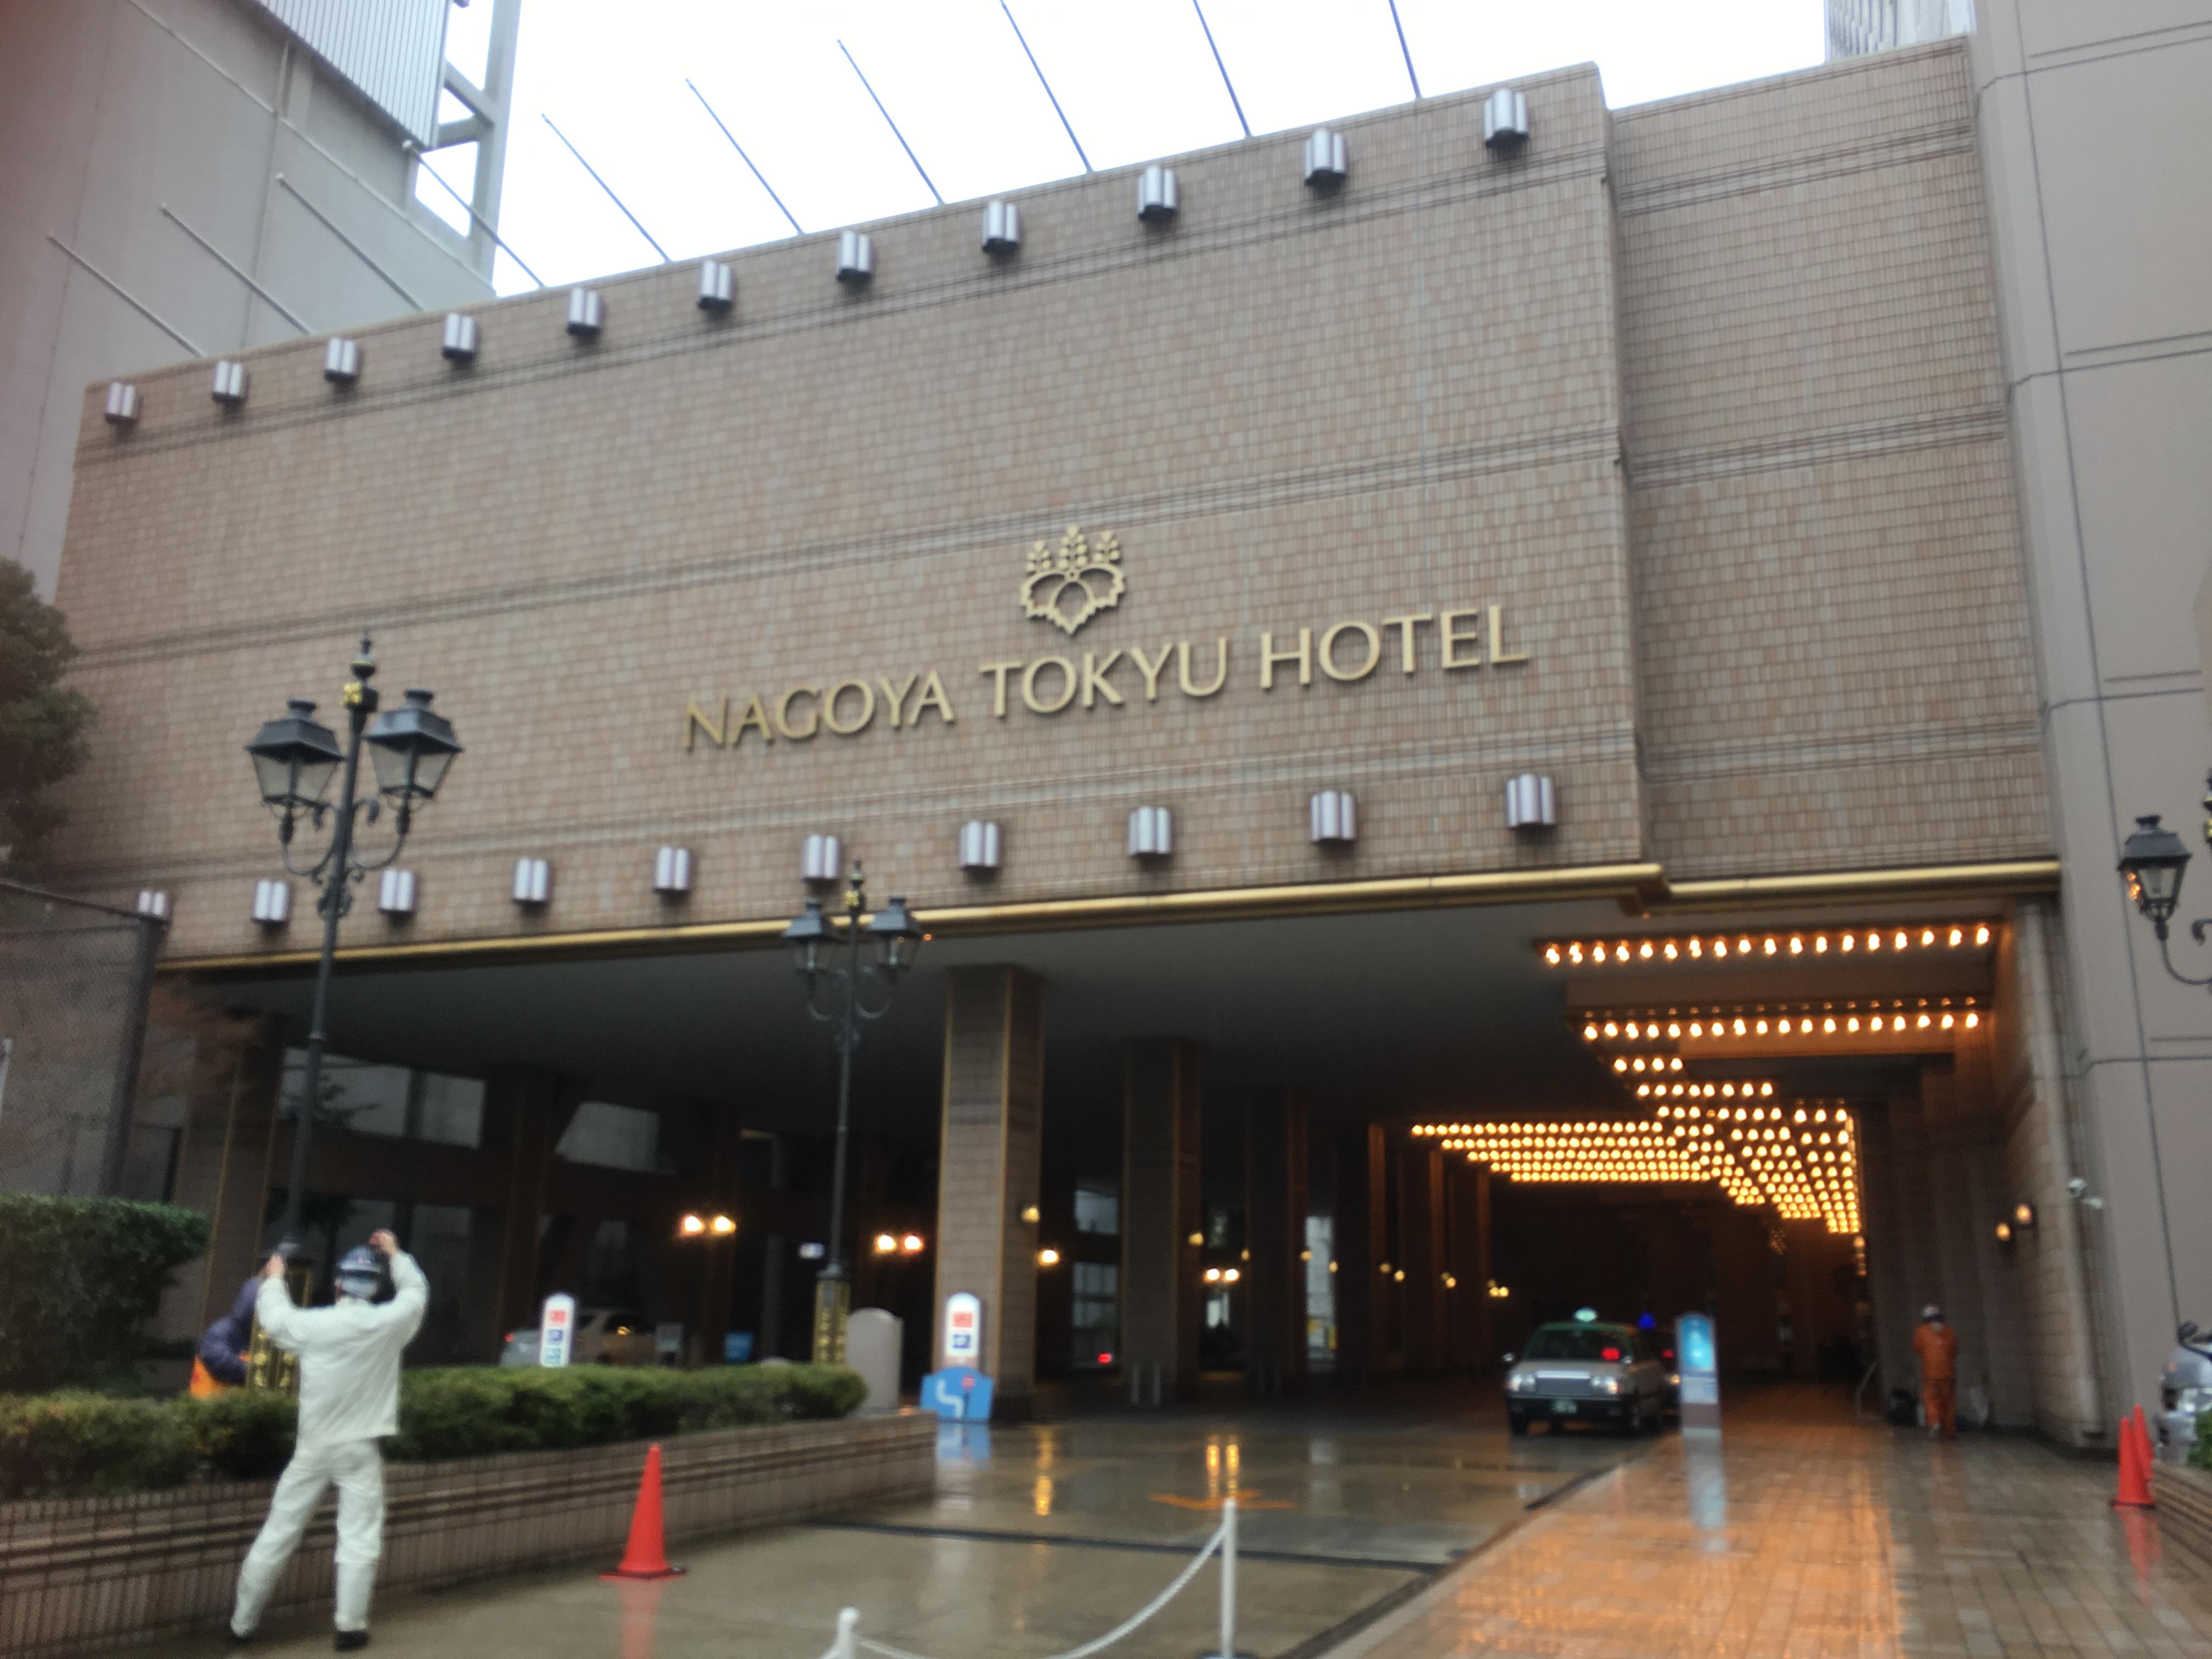 tokyuhotel-nagoya-buffet